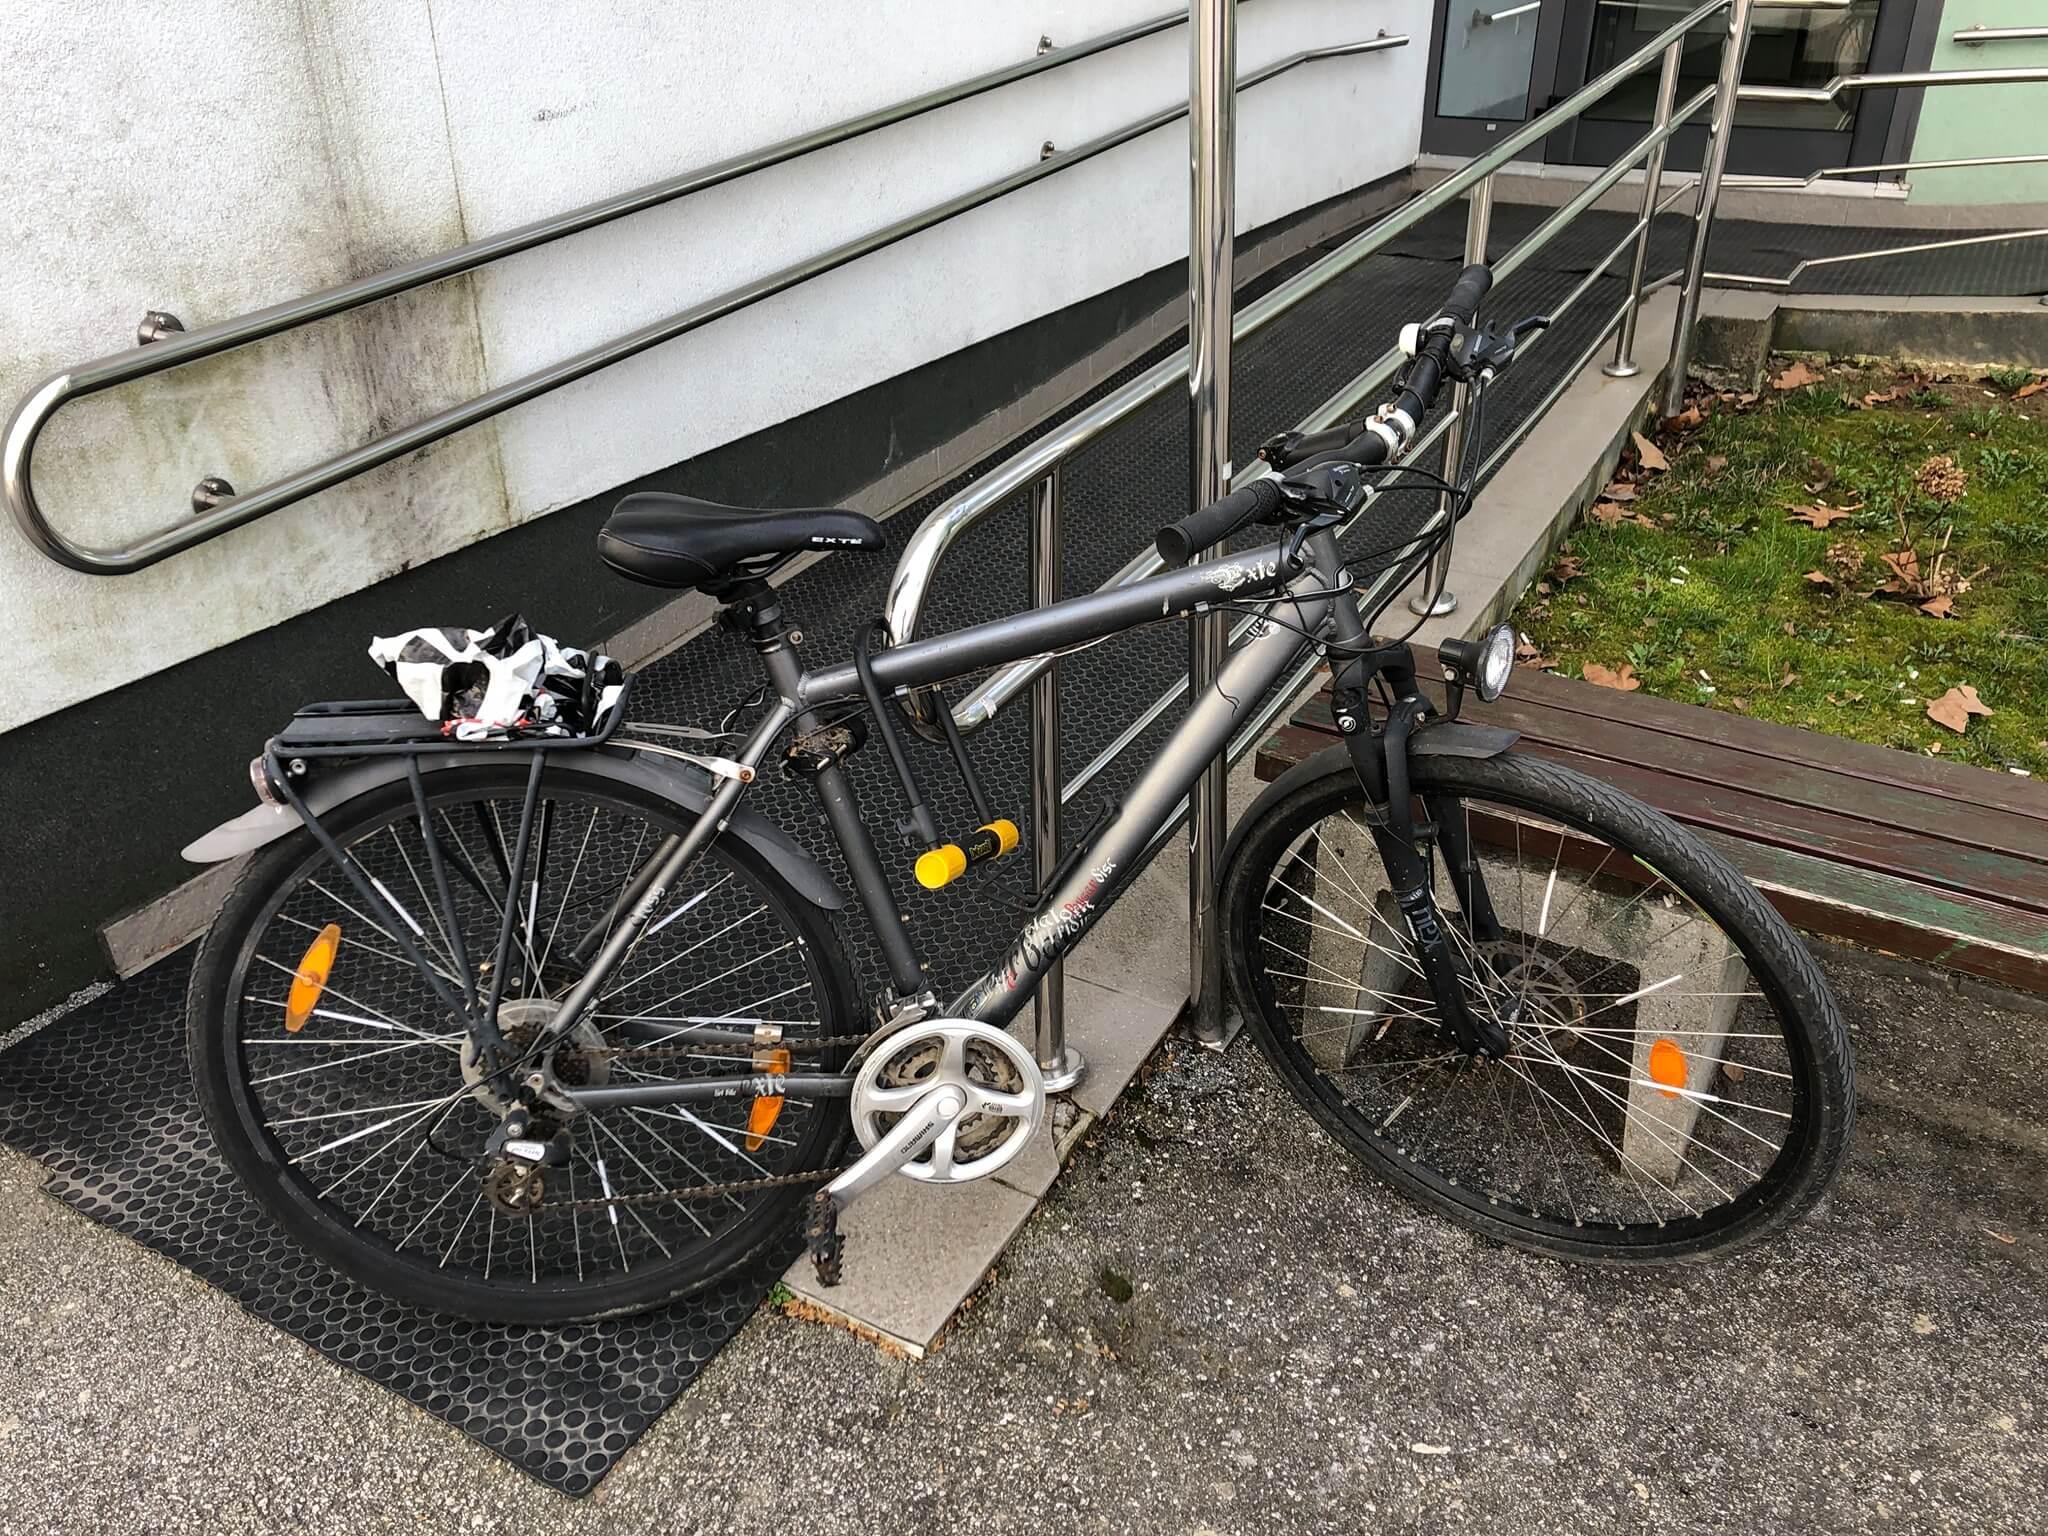 Ovo je baš tužno: Netko je biciklom blokirao rampu za osobe s invaliditetom u studentskom domu